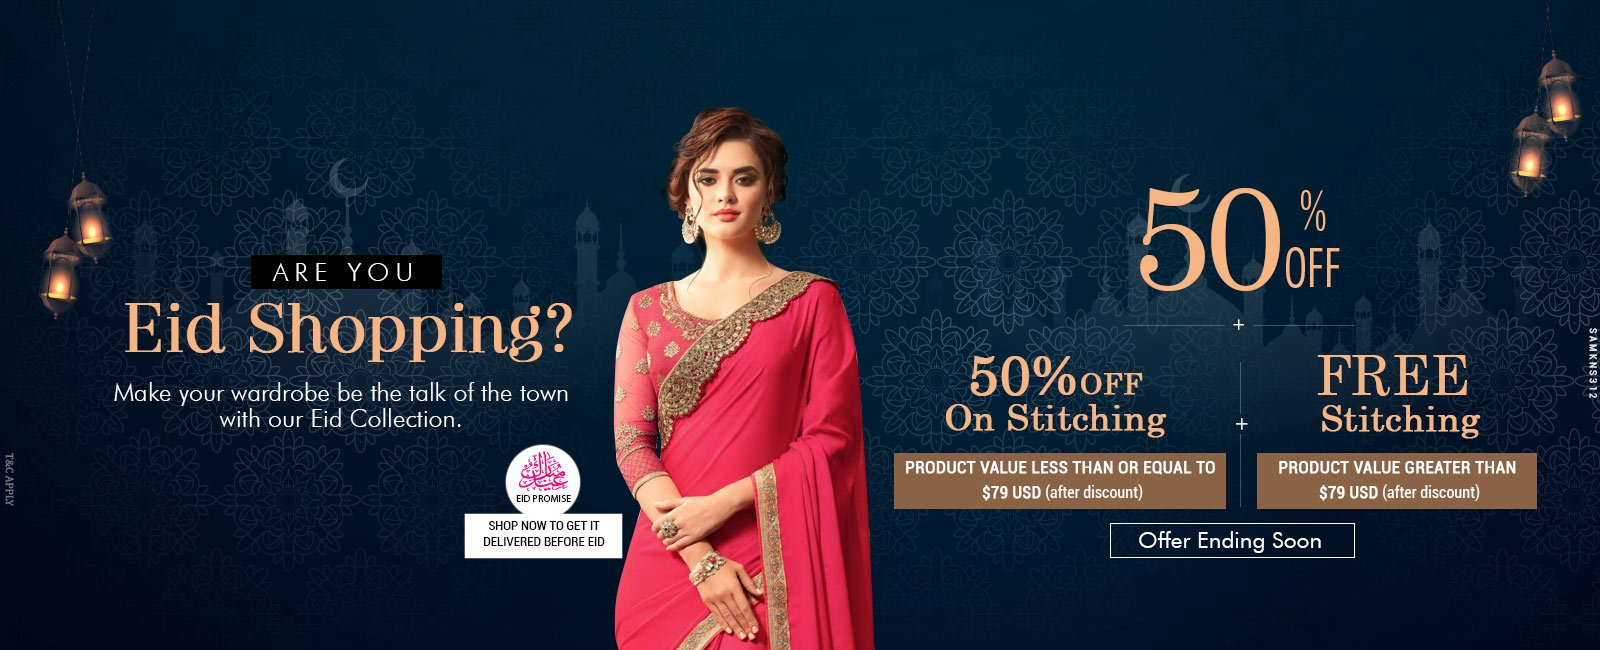 50% Off + 50% Off on Stitching + Free Stitching